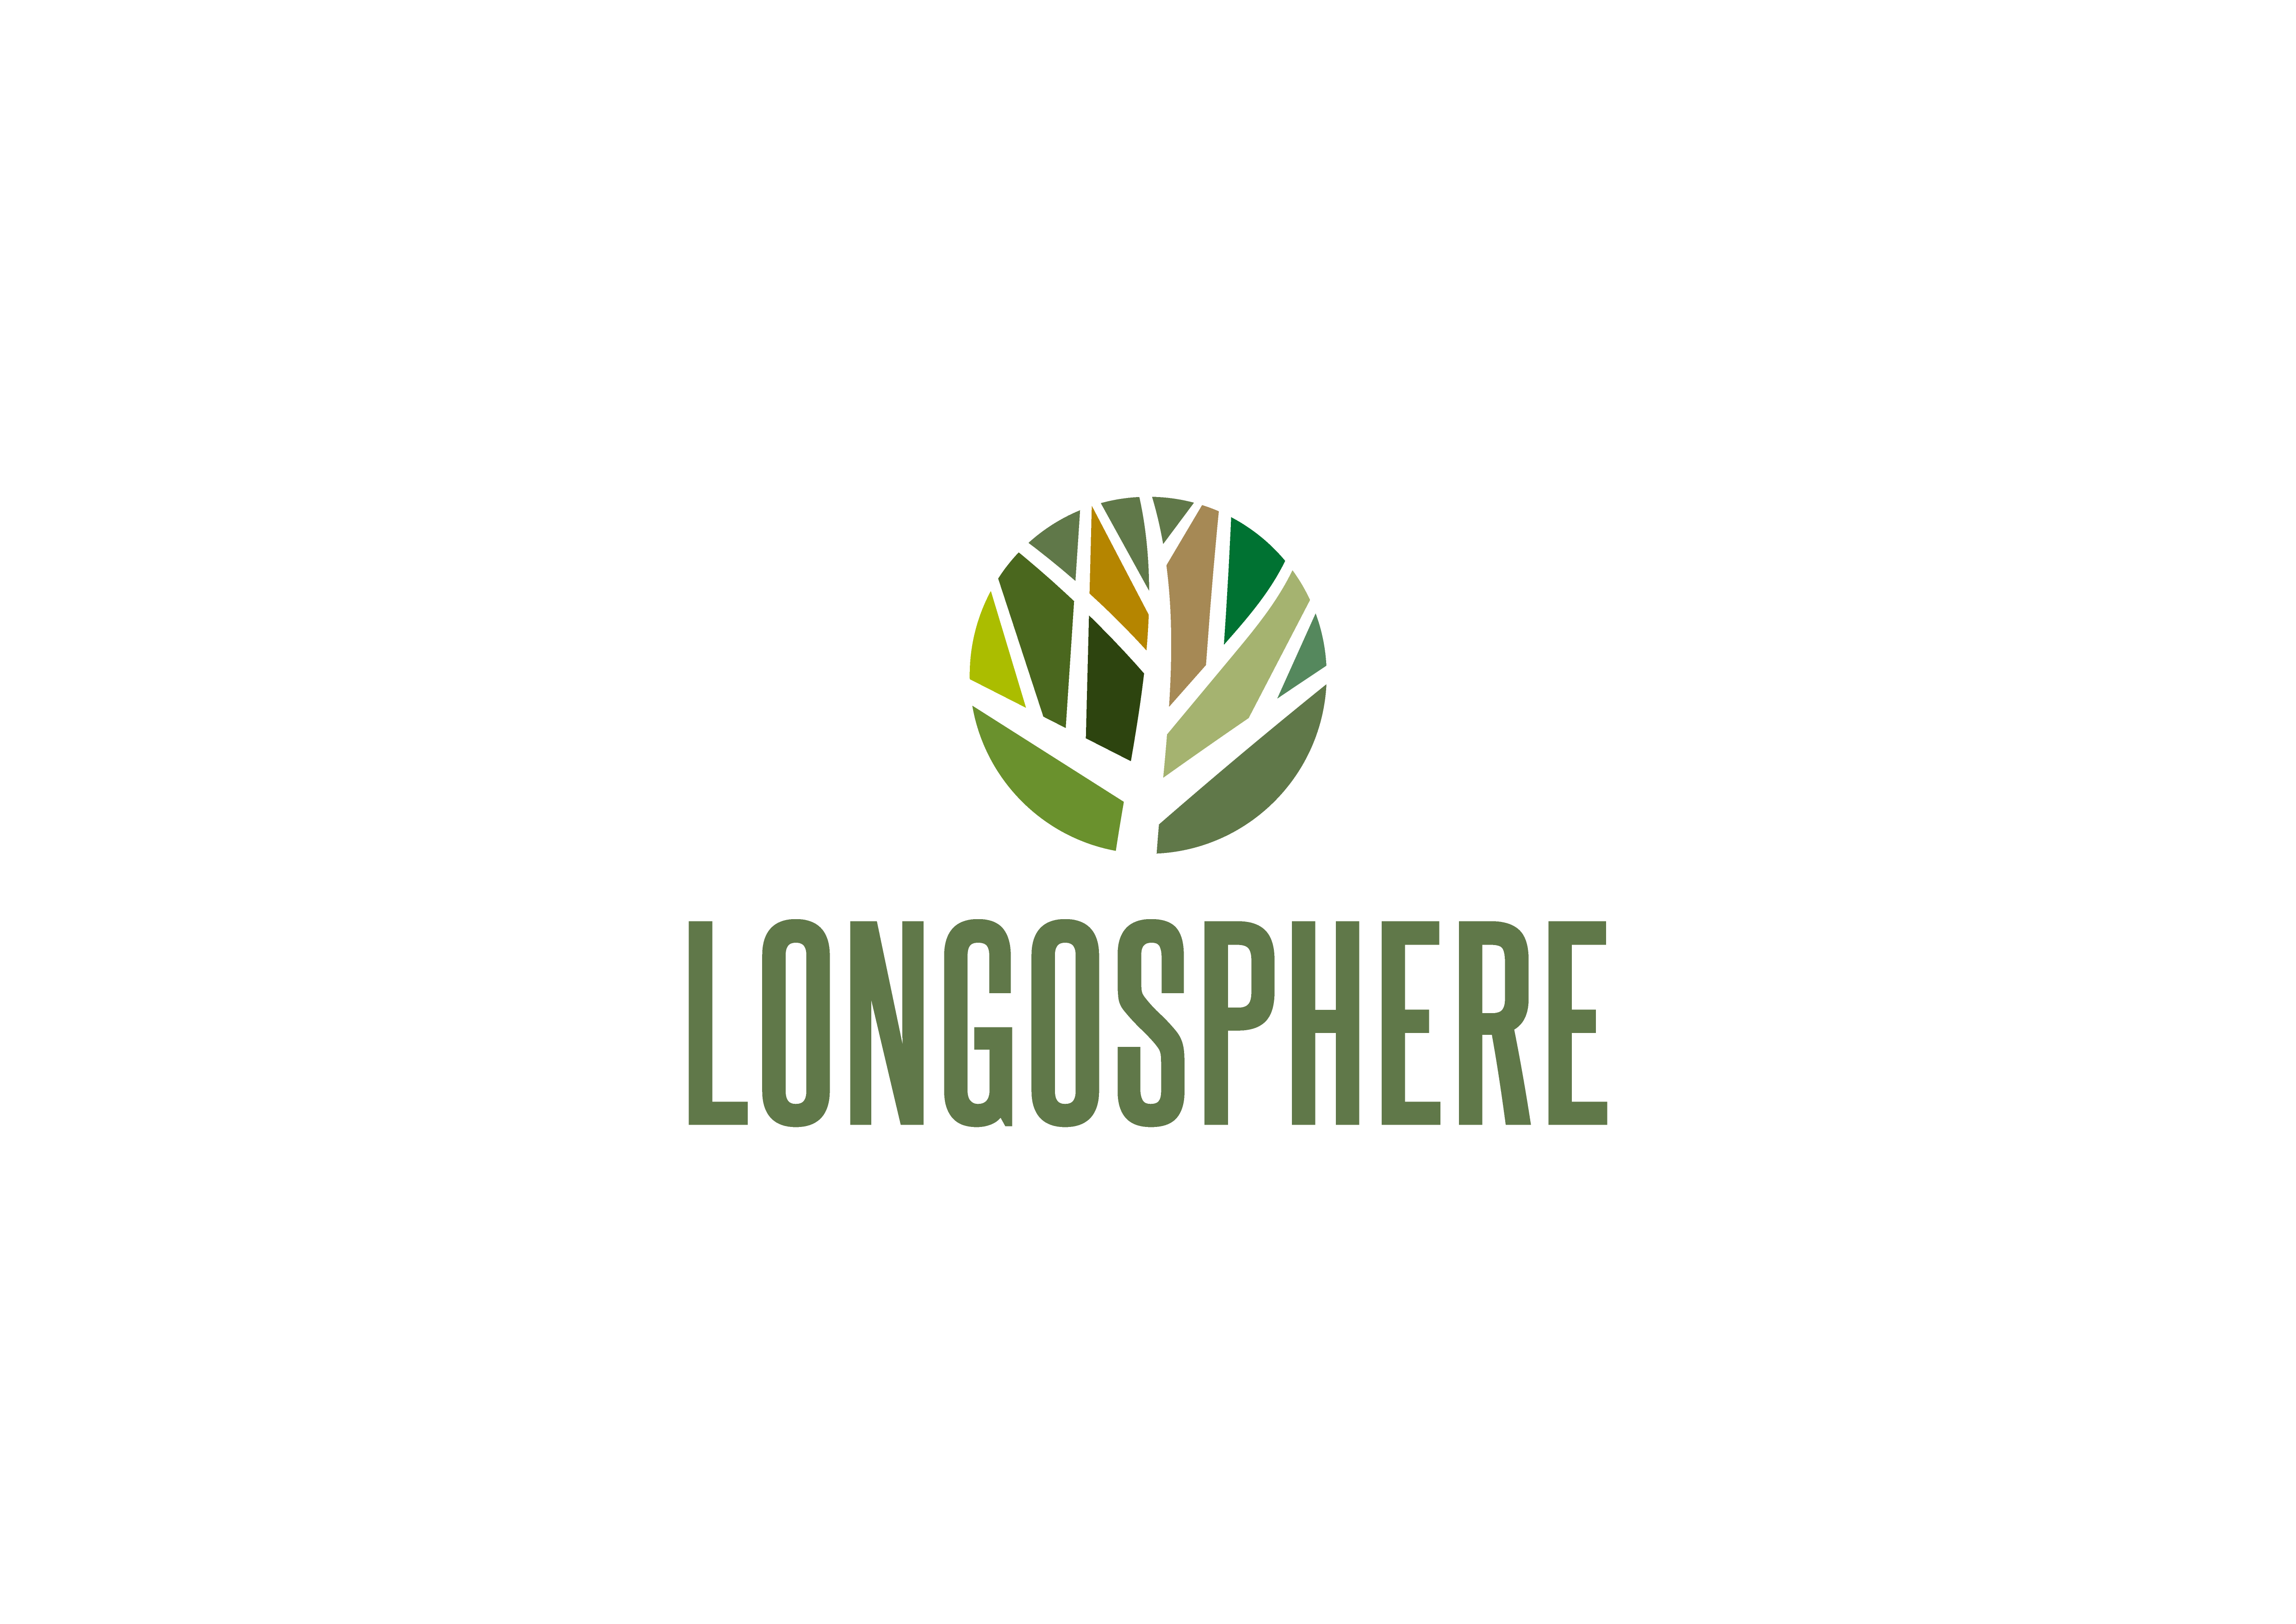 Longosphere Glamping